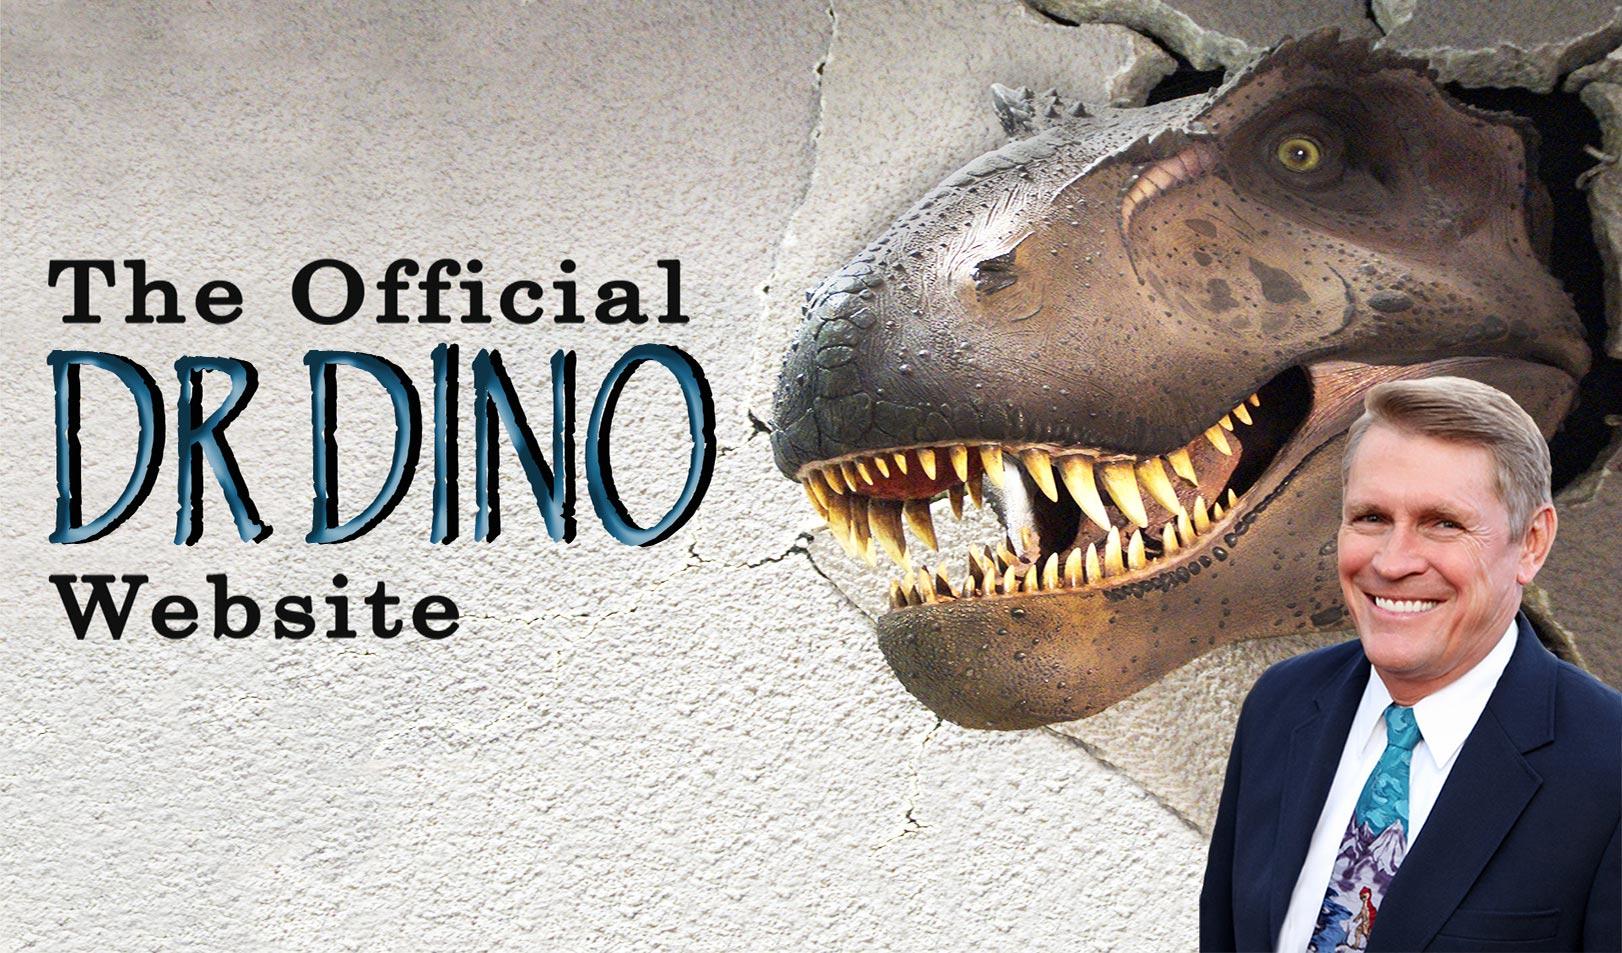 Dr. Dino